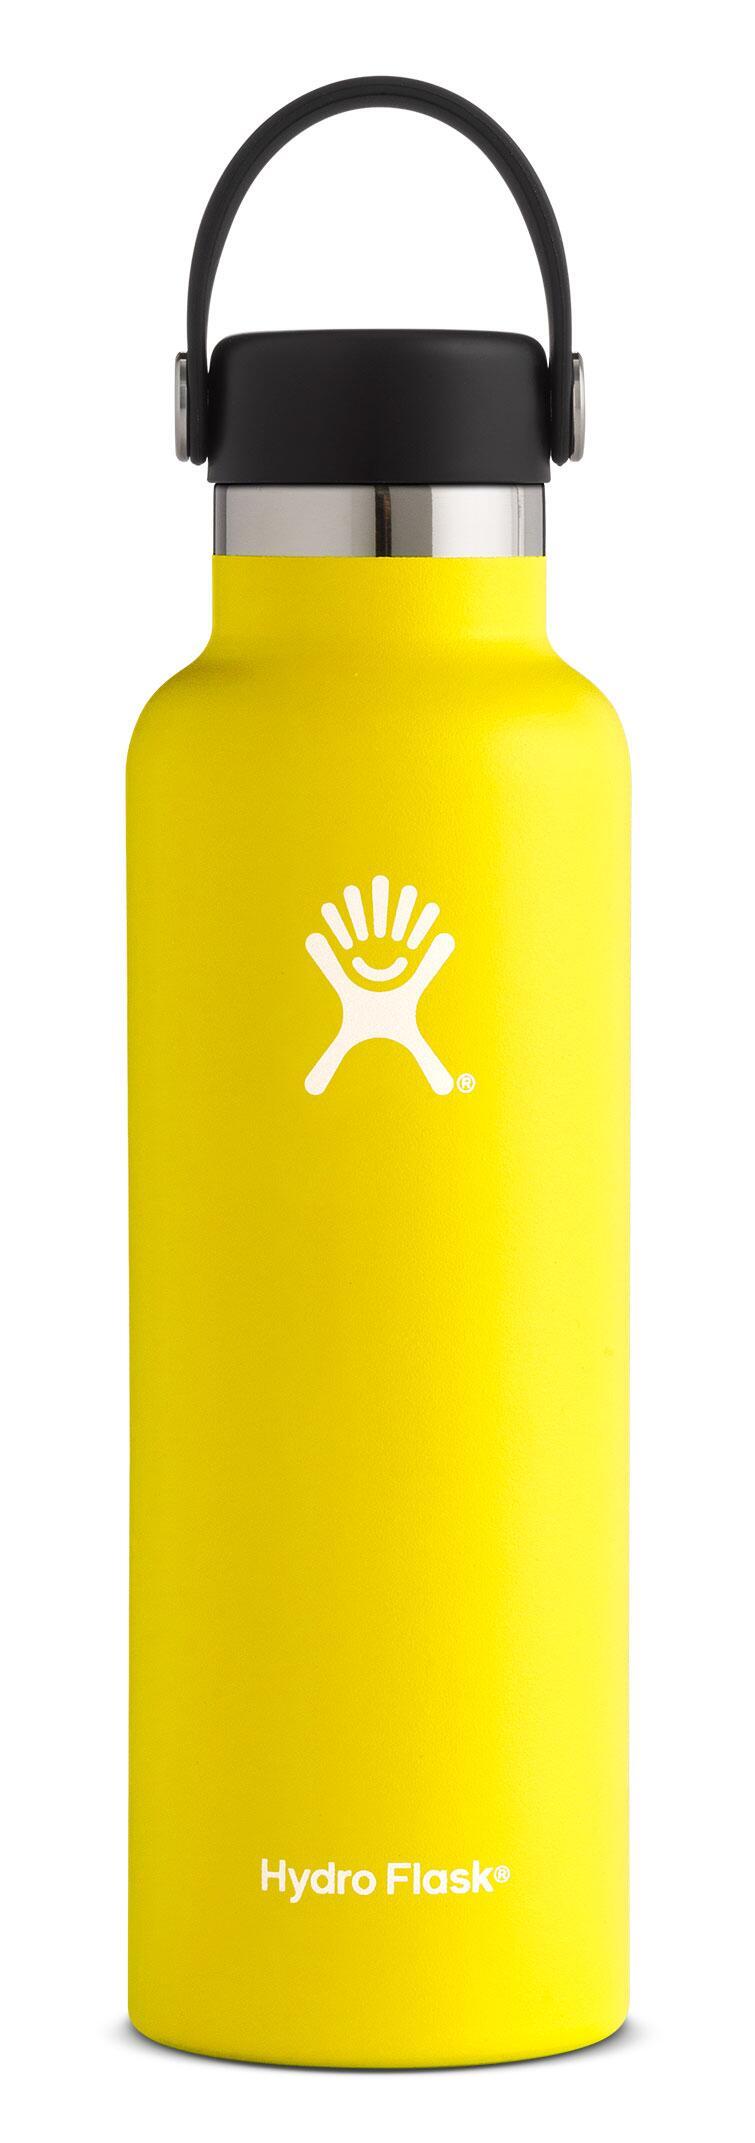 Hydro-Flask-21-oz-Standard-Mouth-Lemon